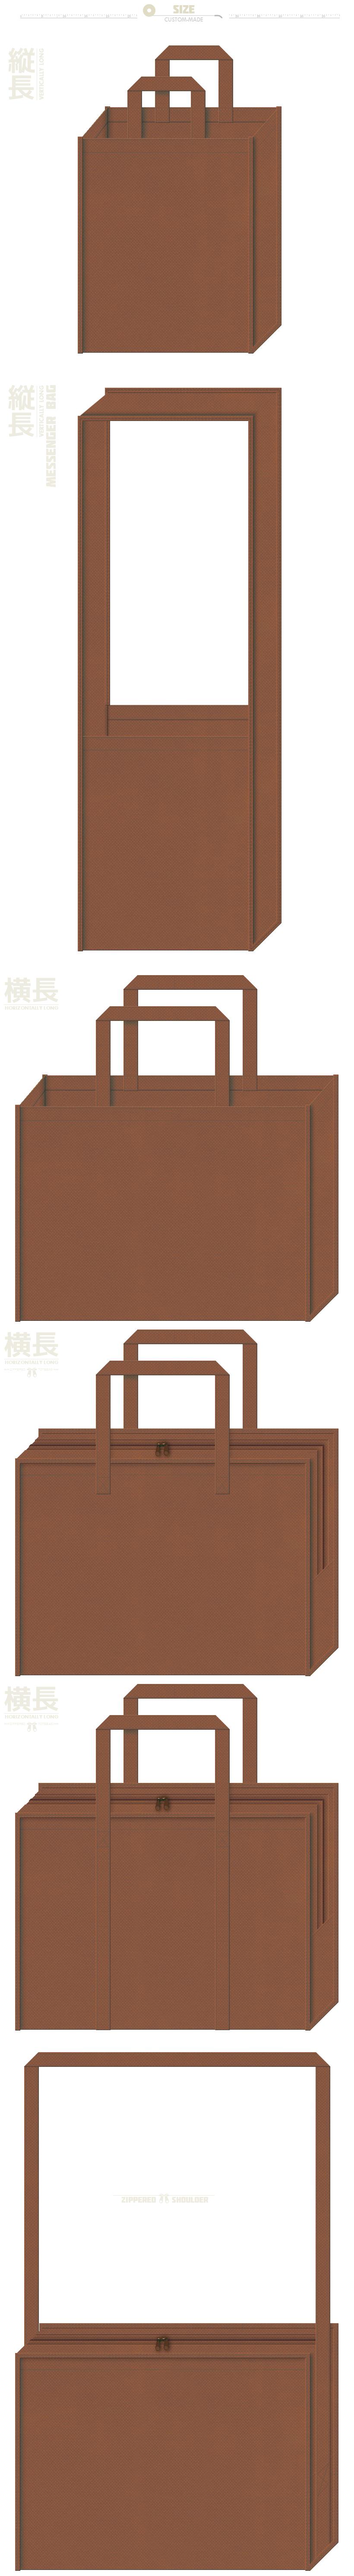 茶色単色の不織布バッグにお奨めのイメージ:チョコレート・くま・土の香り・木・伝統工芸